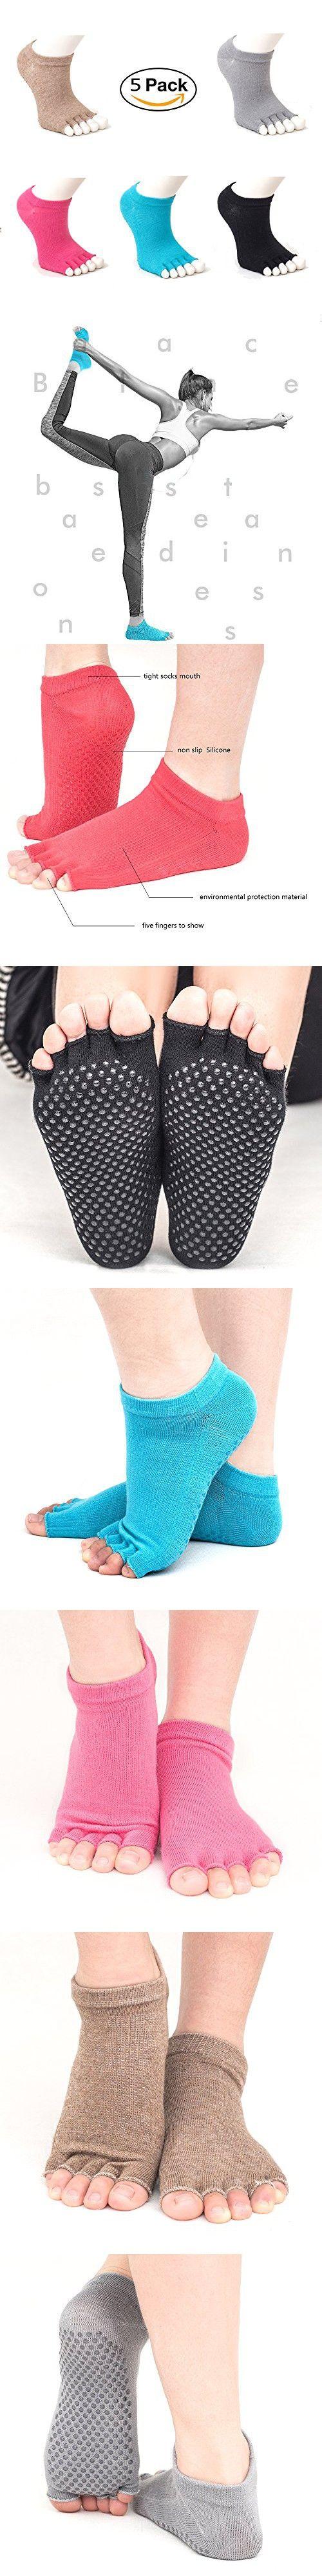 Non Slip Skid Toe Socks for Women & Men( 5 Pairs) - Grips for Yoga, Pilates, Barre - Toeless